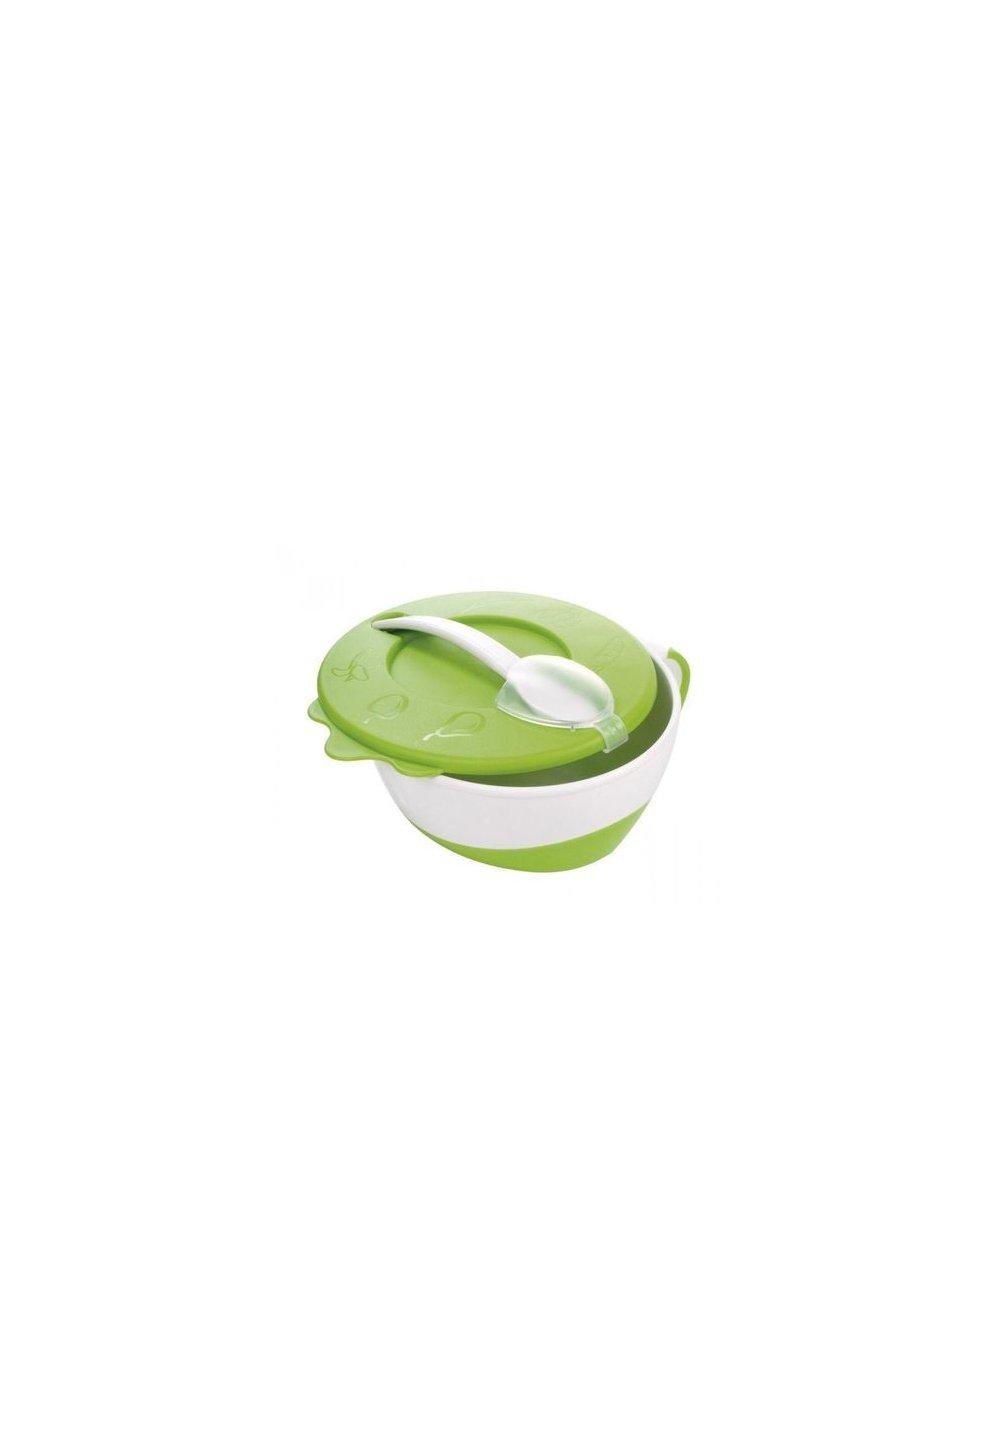 Bol cu capac si lingurita, verde, + 9 luni imagine